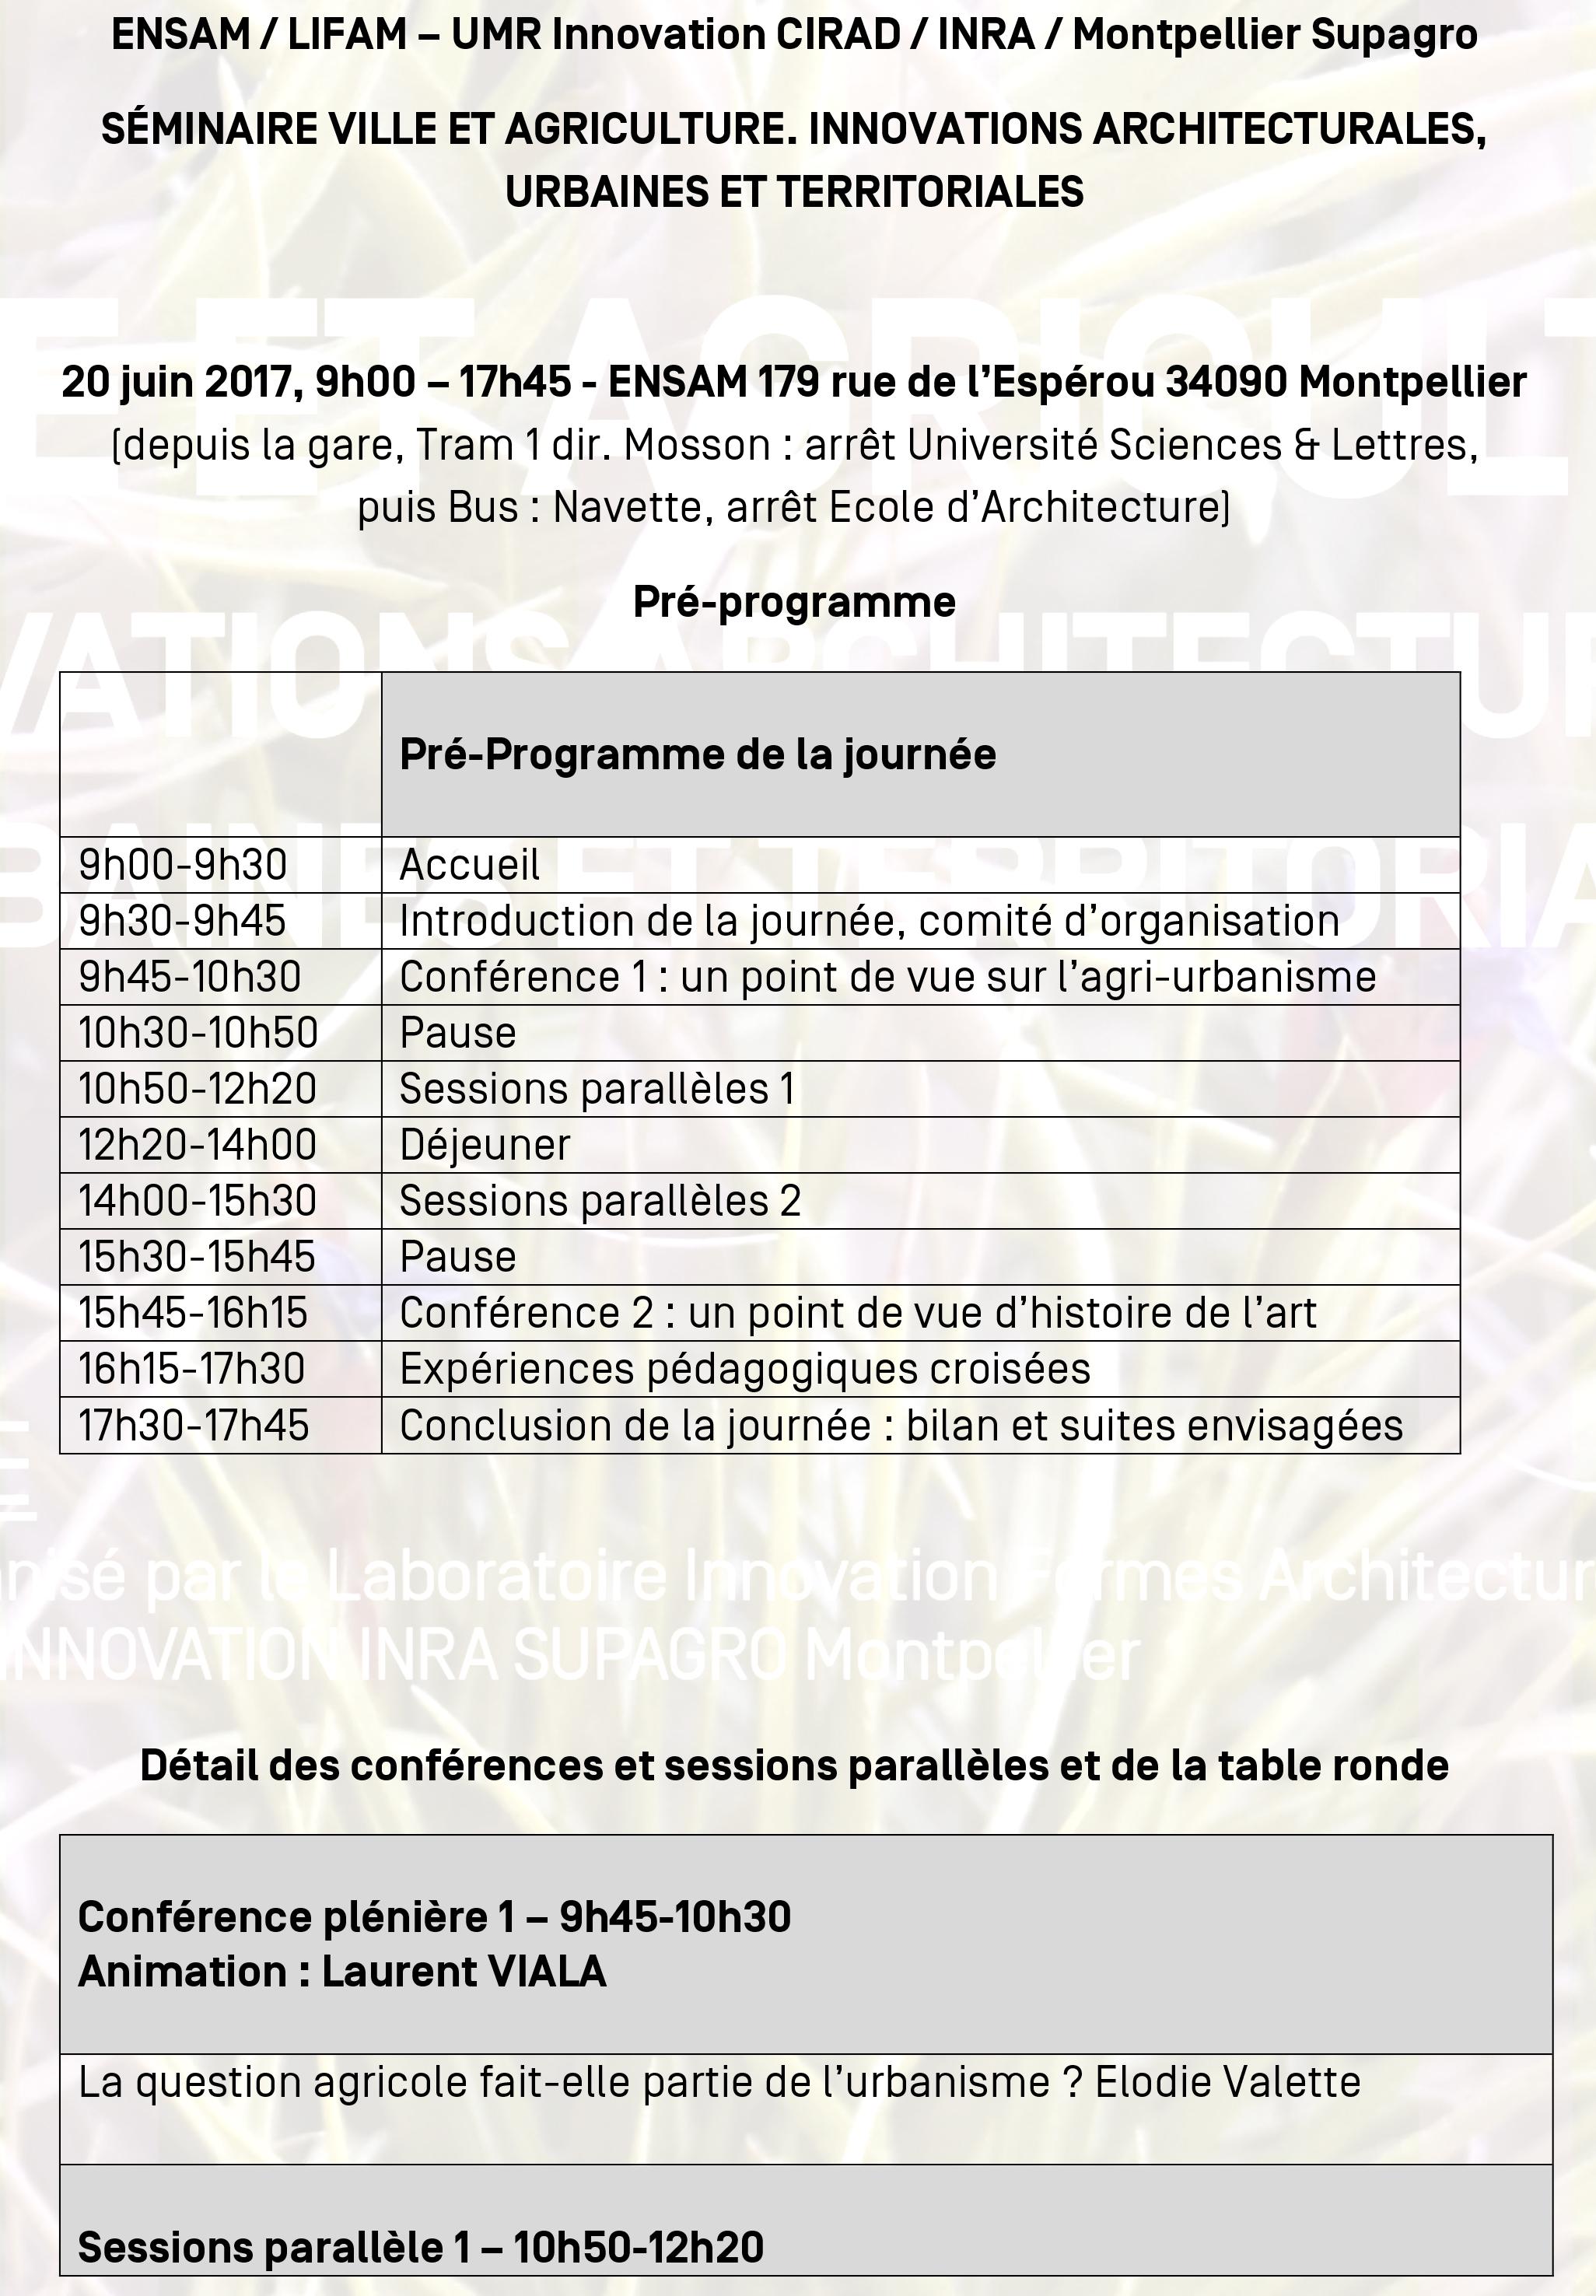 Pages_1_de_Pre_programme_VAIAUT_2017_v5_2.jpg